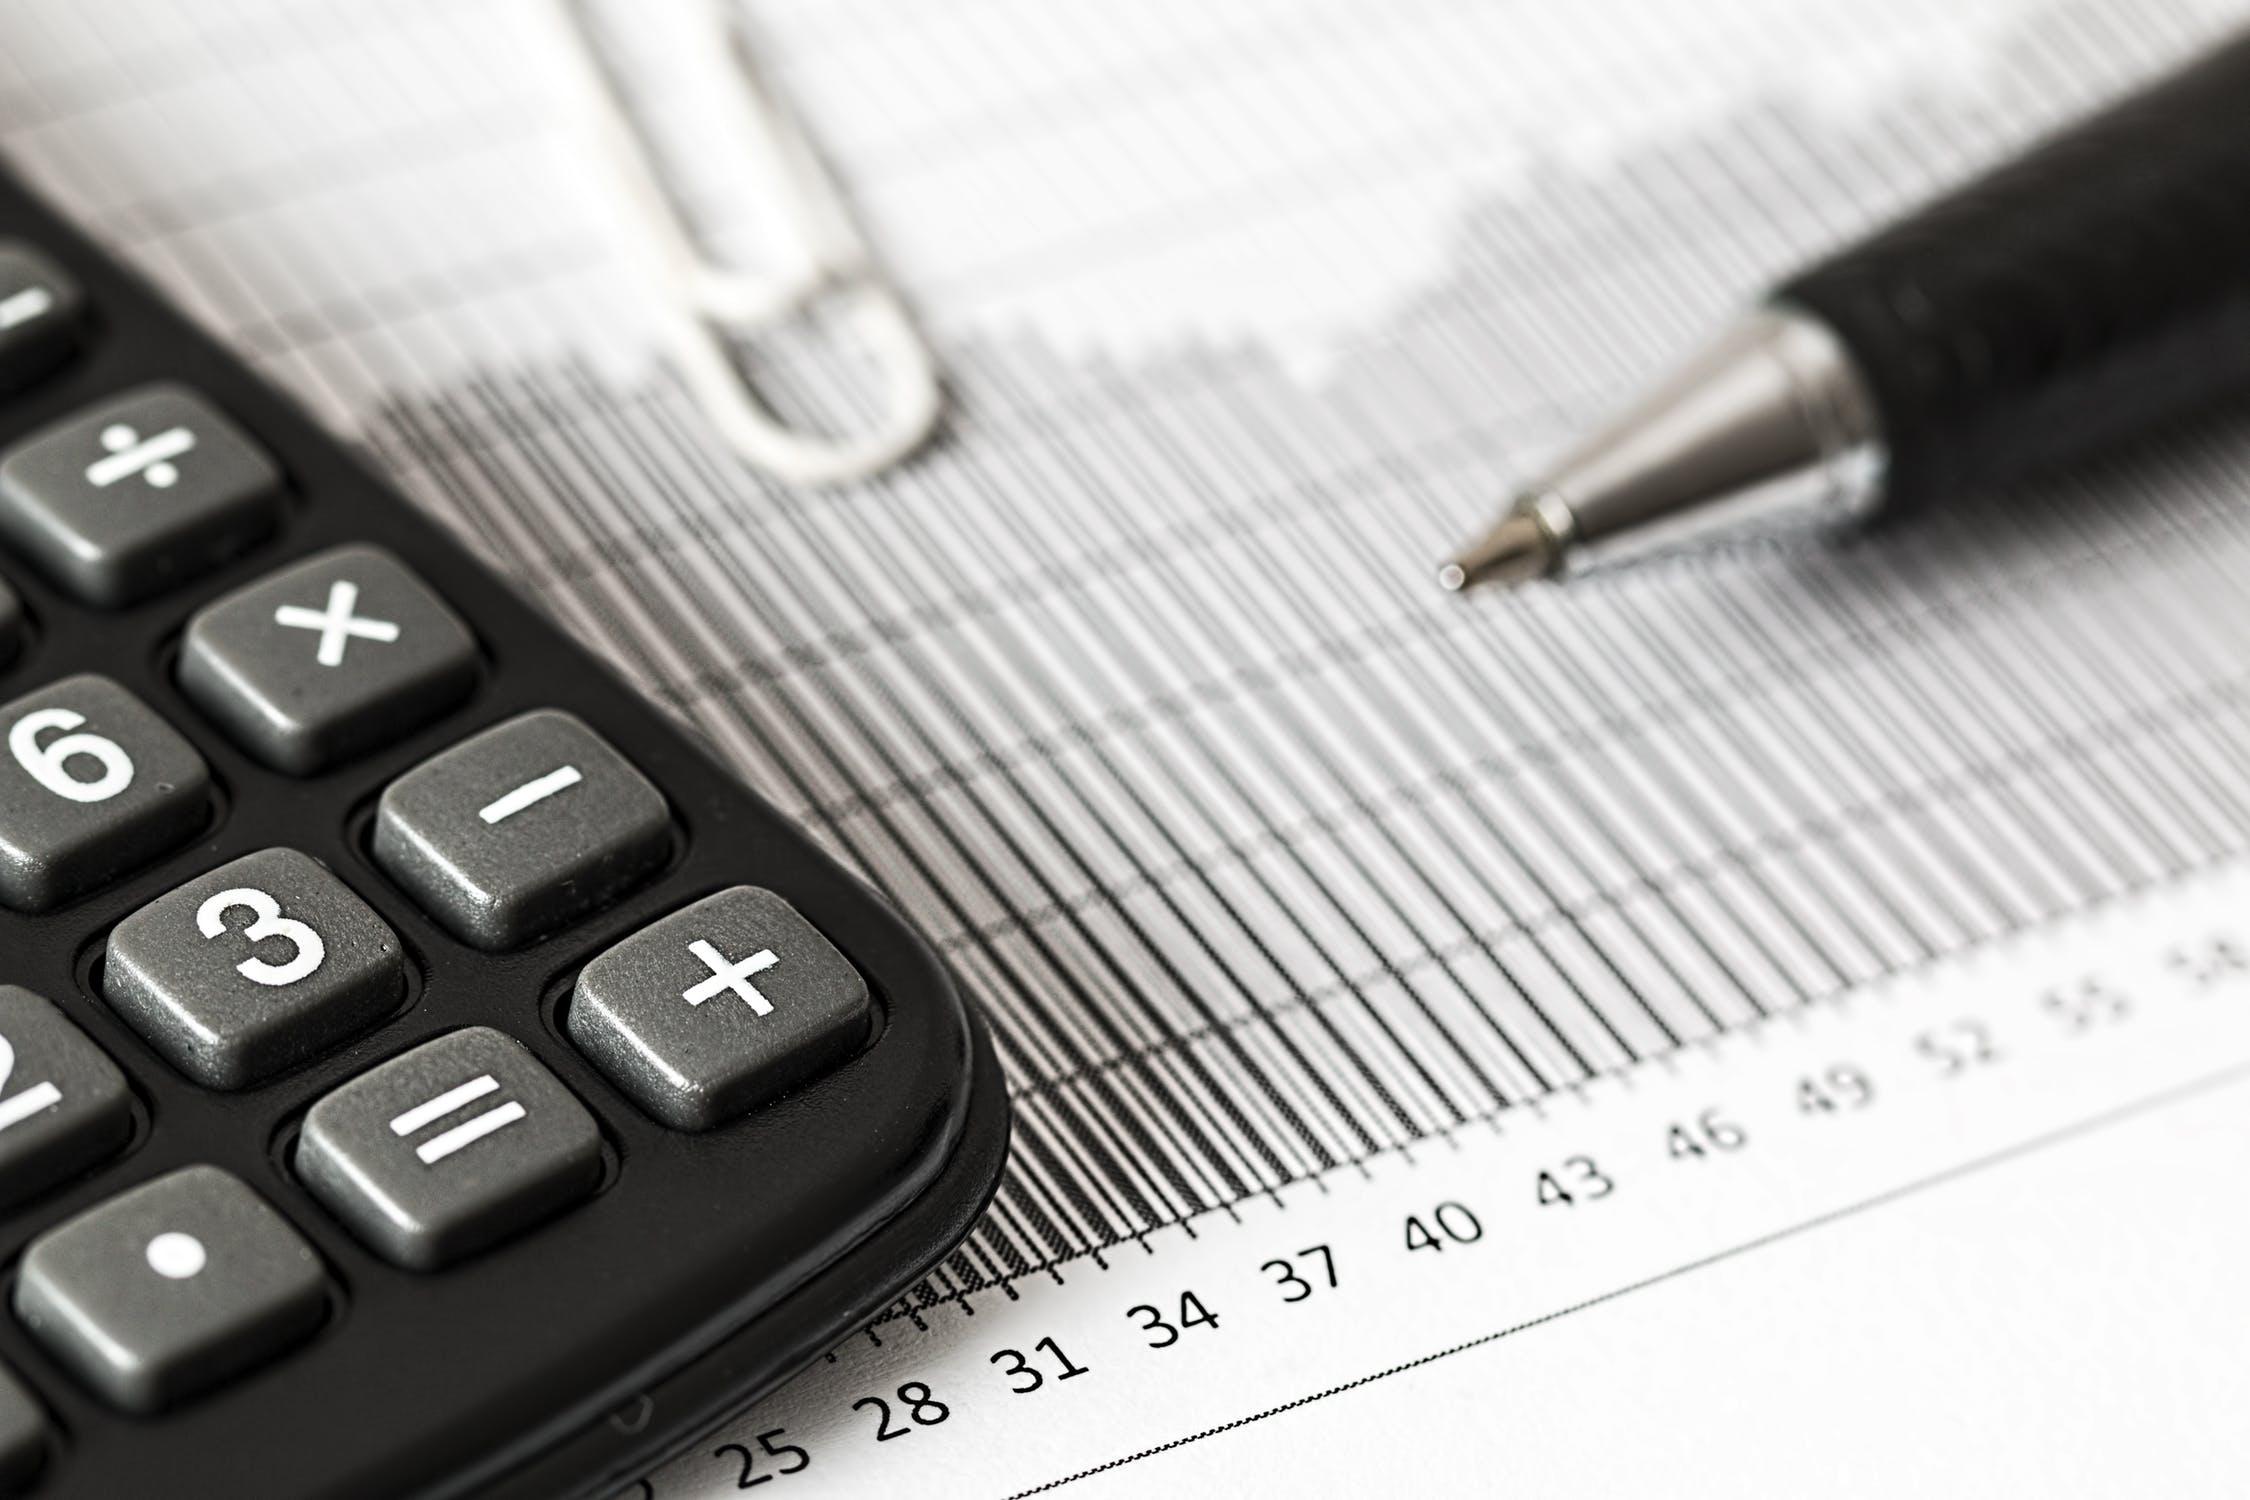 会计职业组织发展咨询顾问组探讨数字化转型